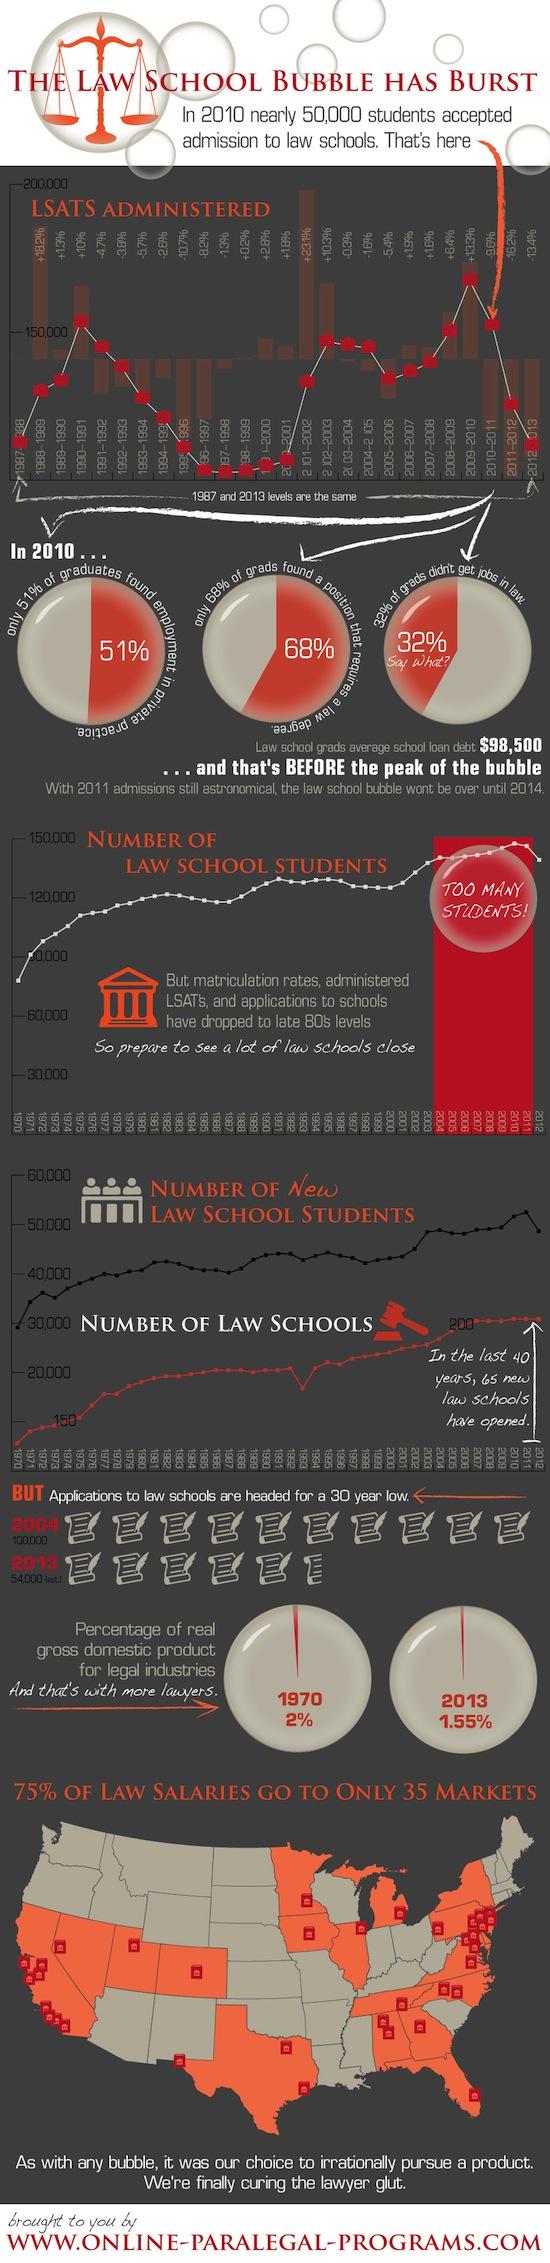 law school bubble